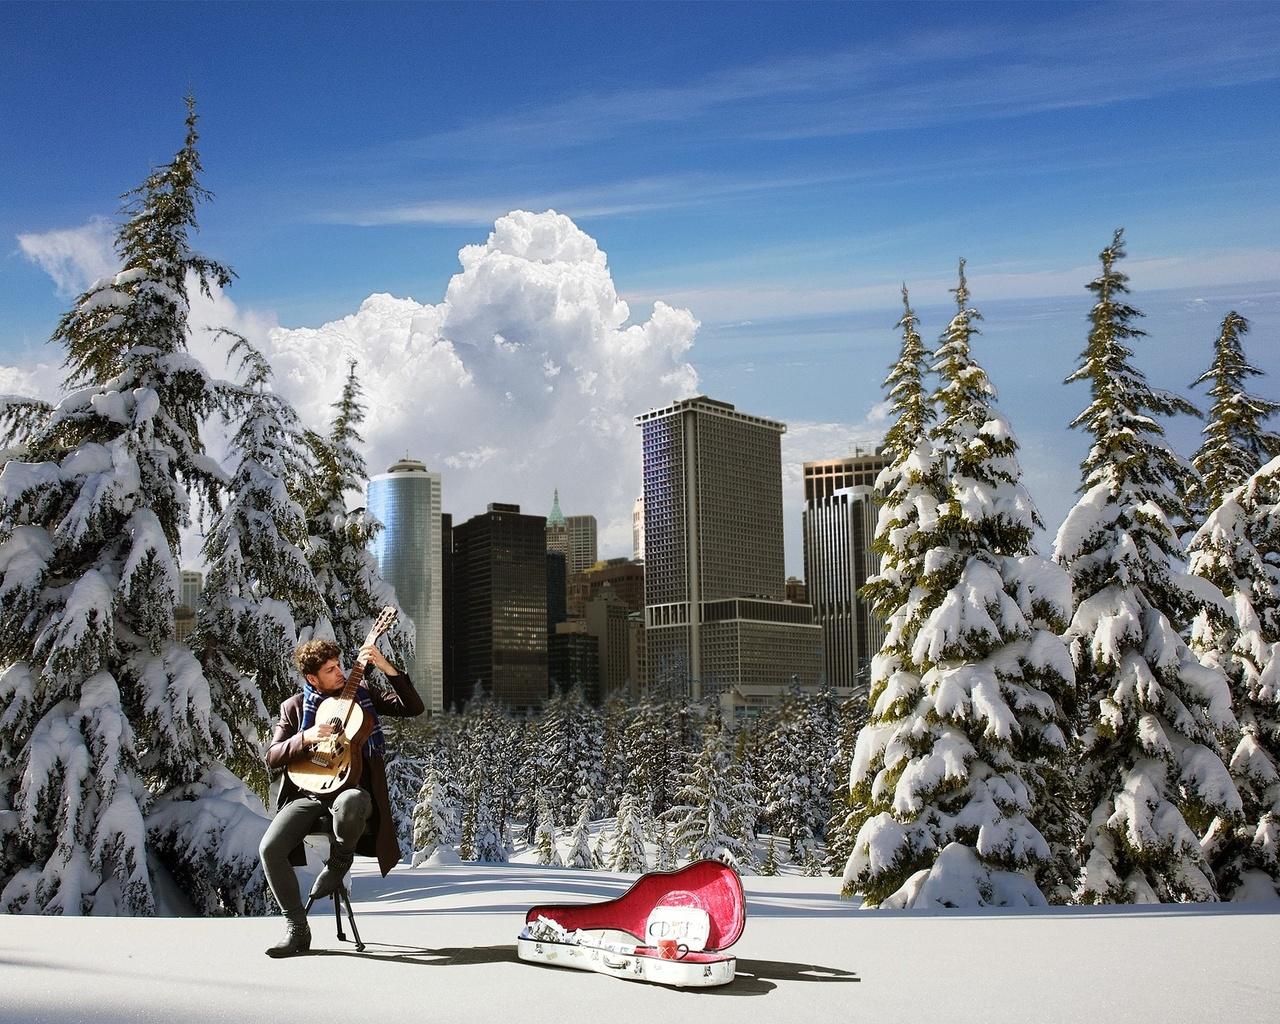 гитарист, деревья, снег, здания, пейзаж, композиция